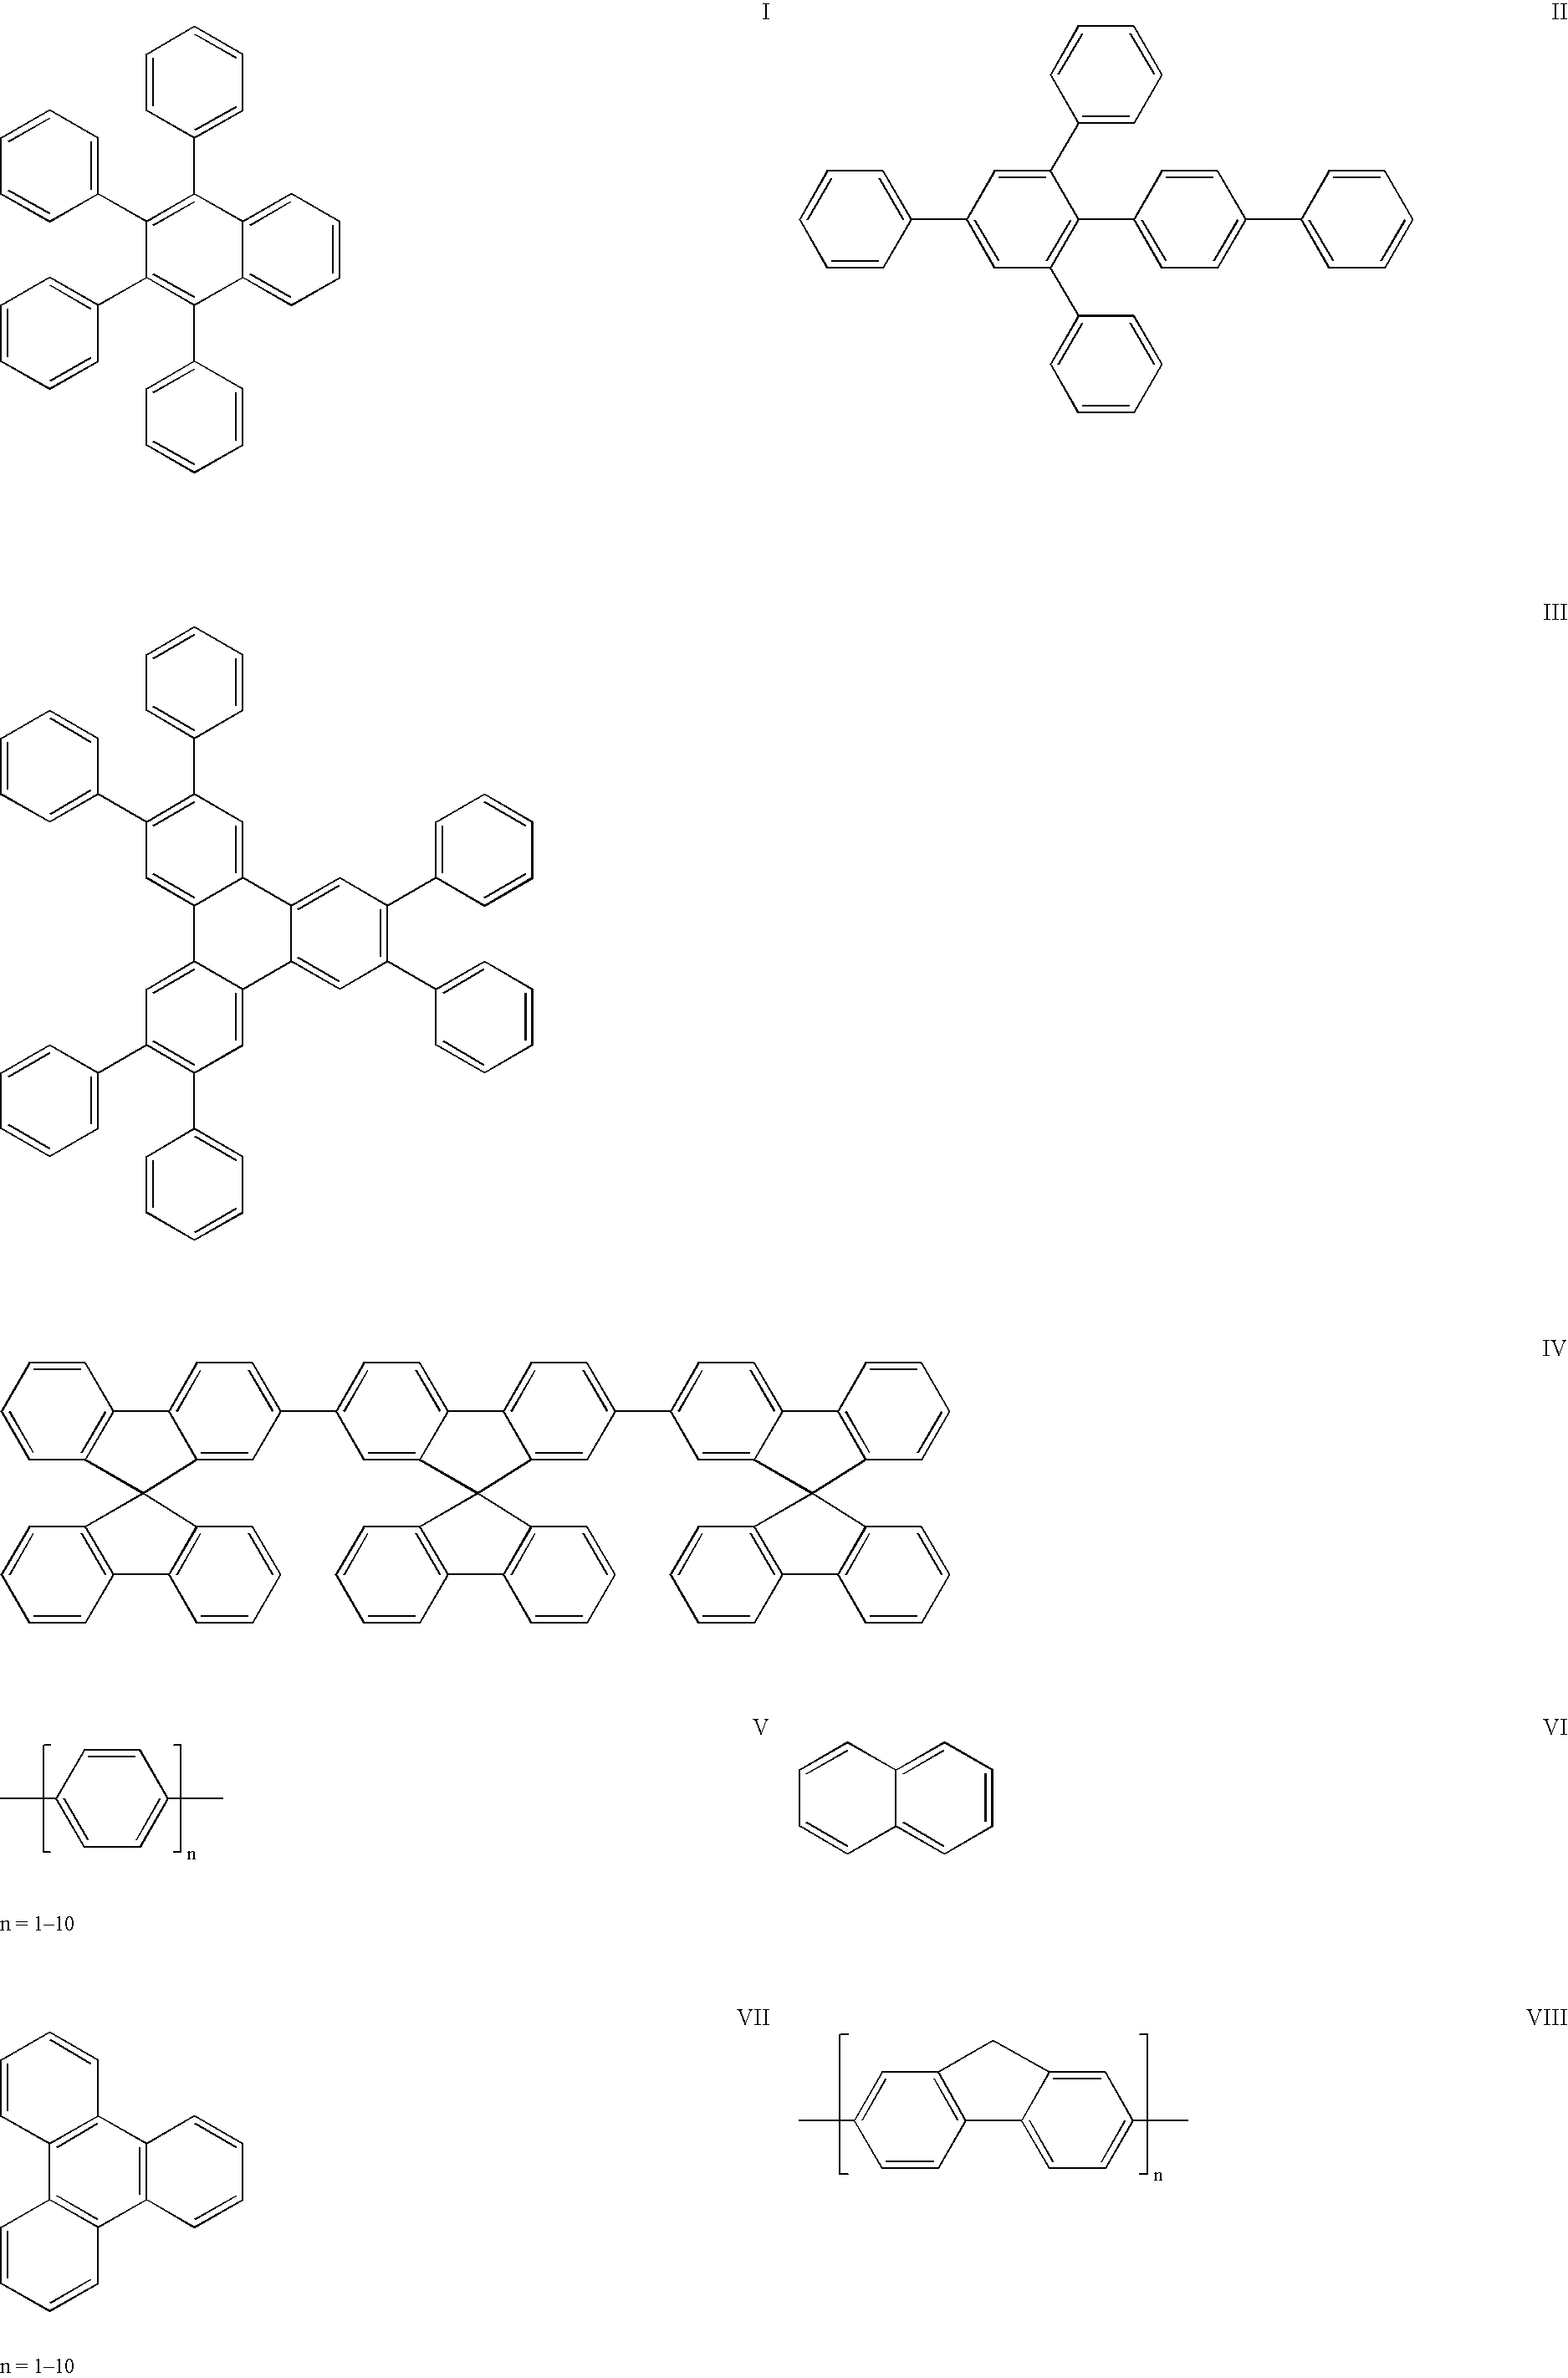 Figure US20050025993A1-20050203-C00001